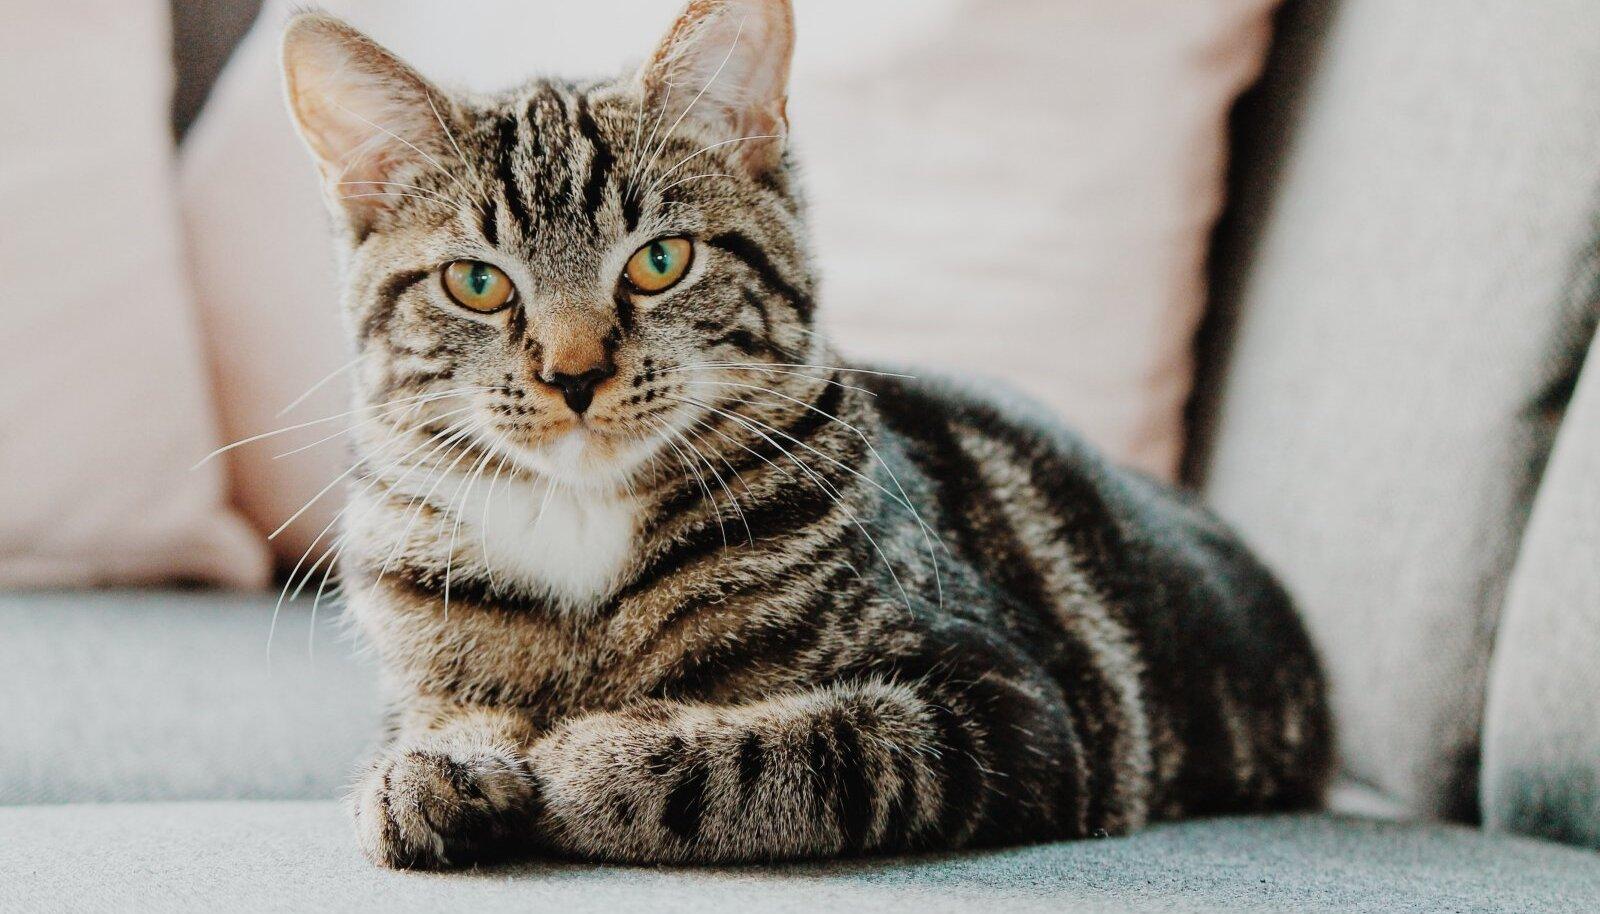 Keskmiselt võetakse Pesaleidjast 40-50 kassi kuus